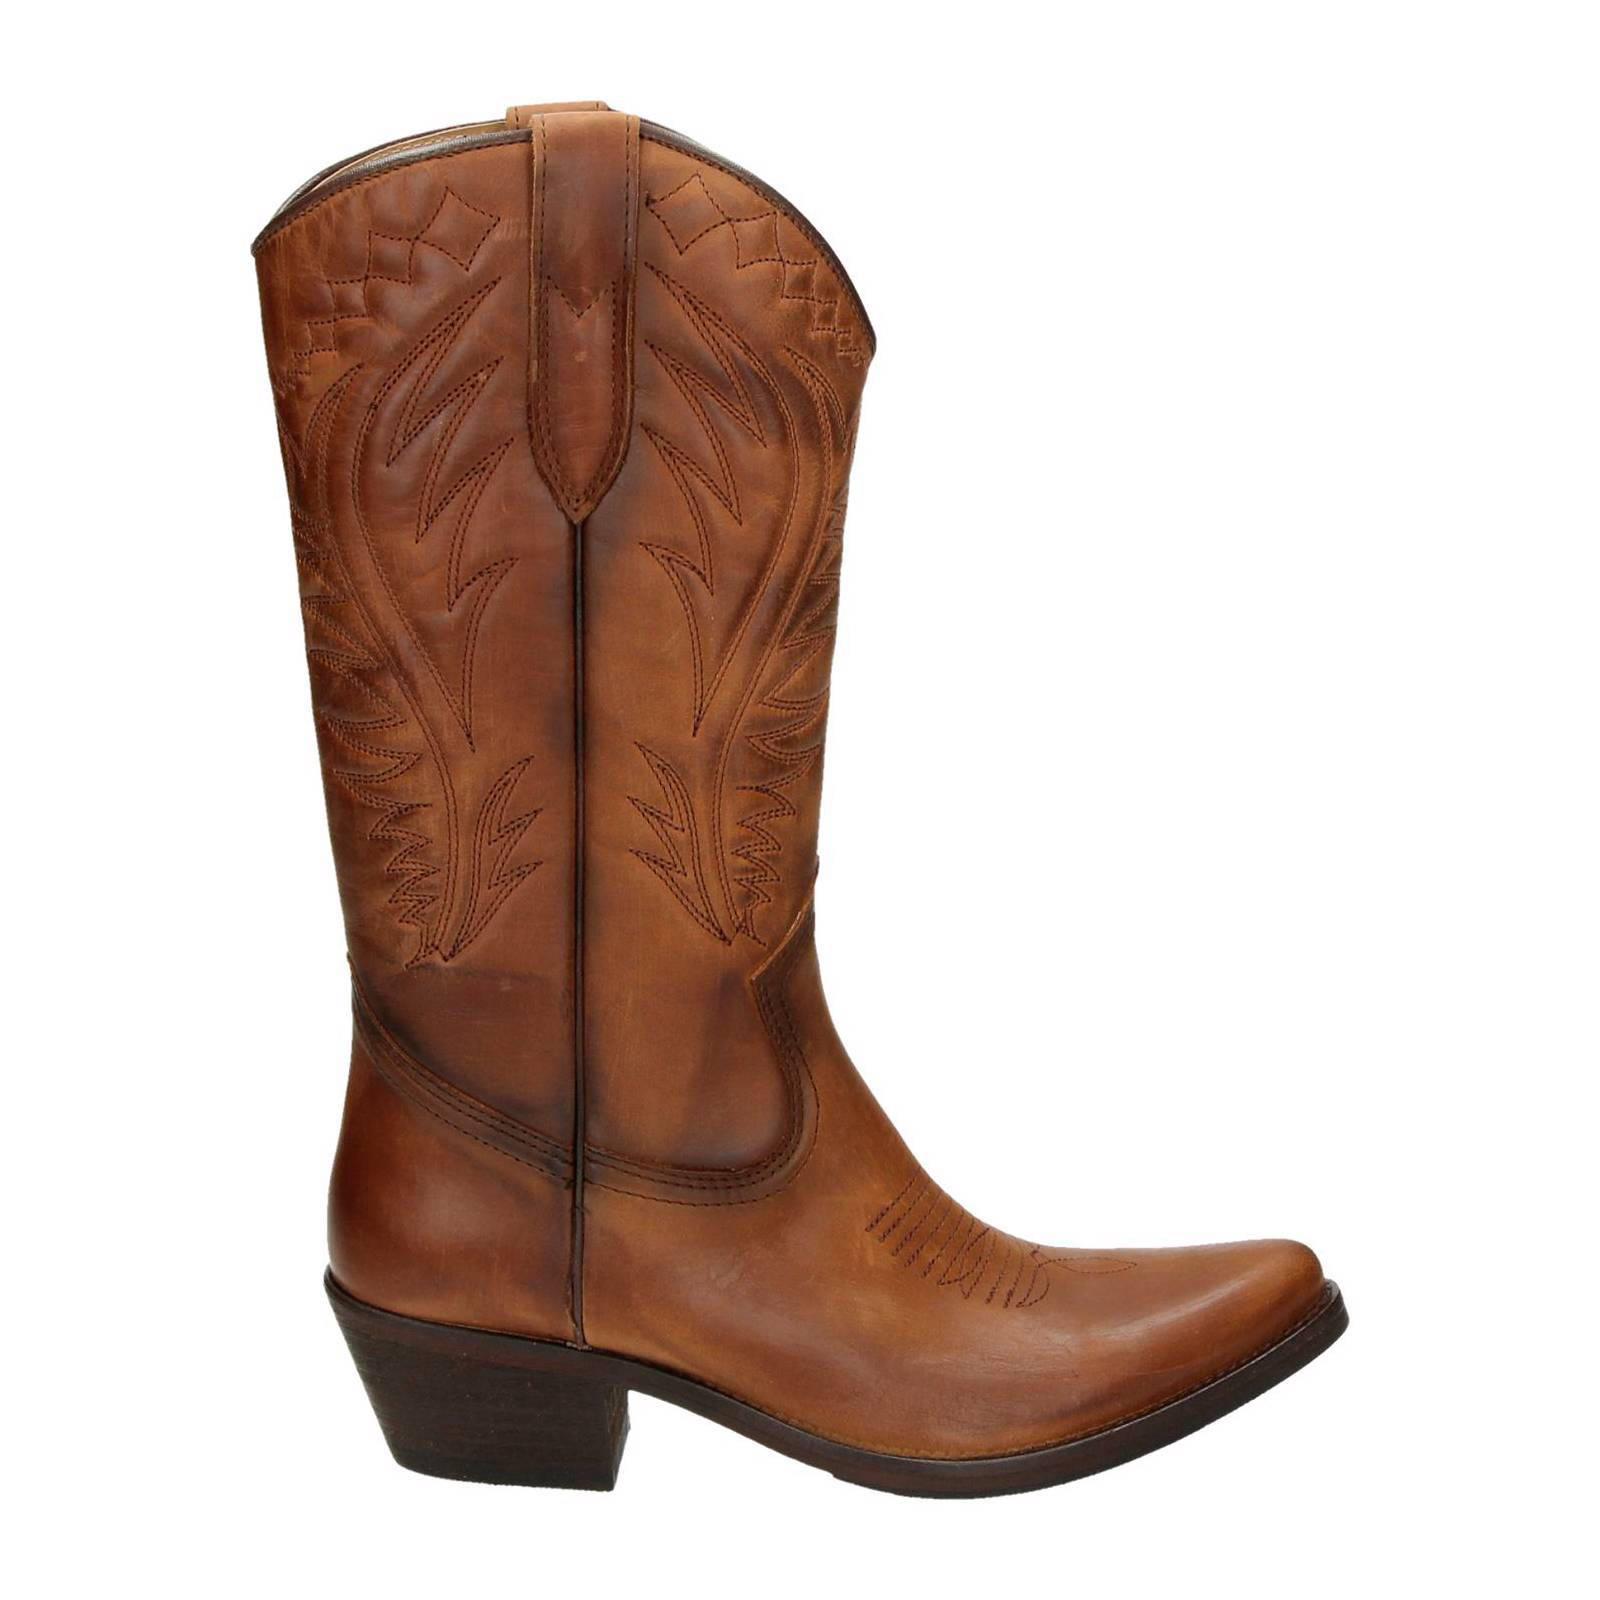 Kentucky's Western Cowboylaarzen voor dames Cognac